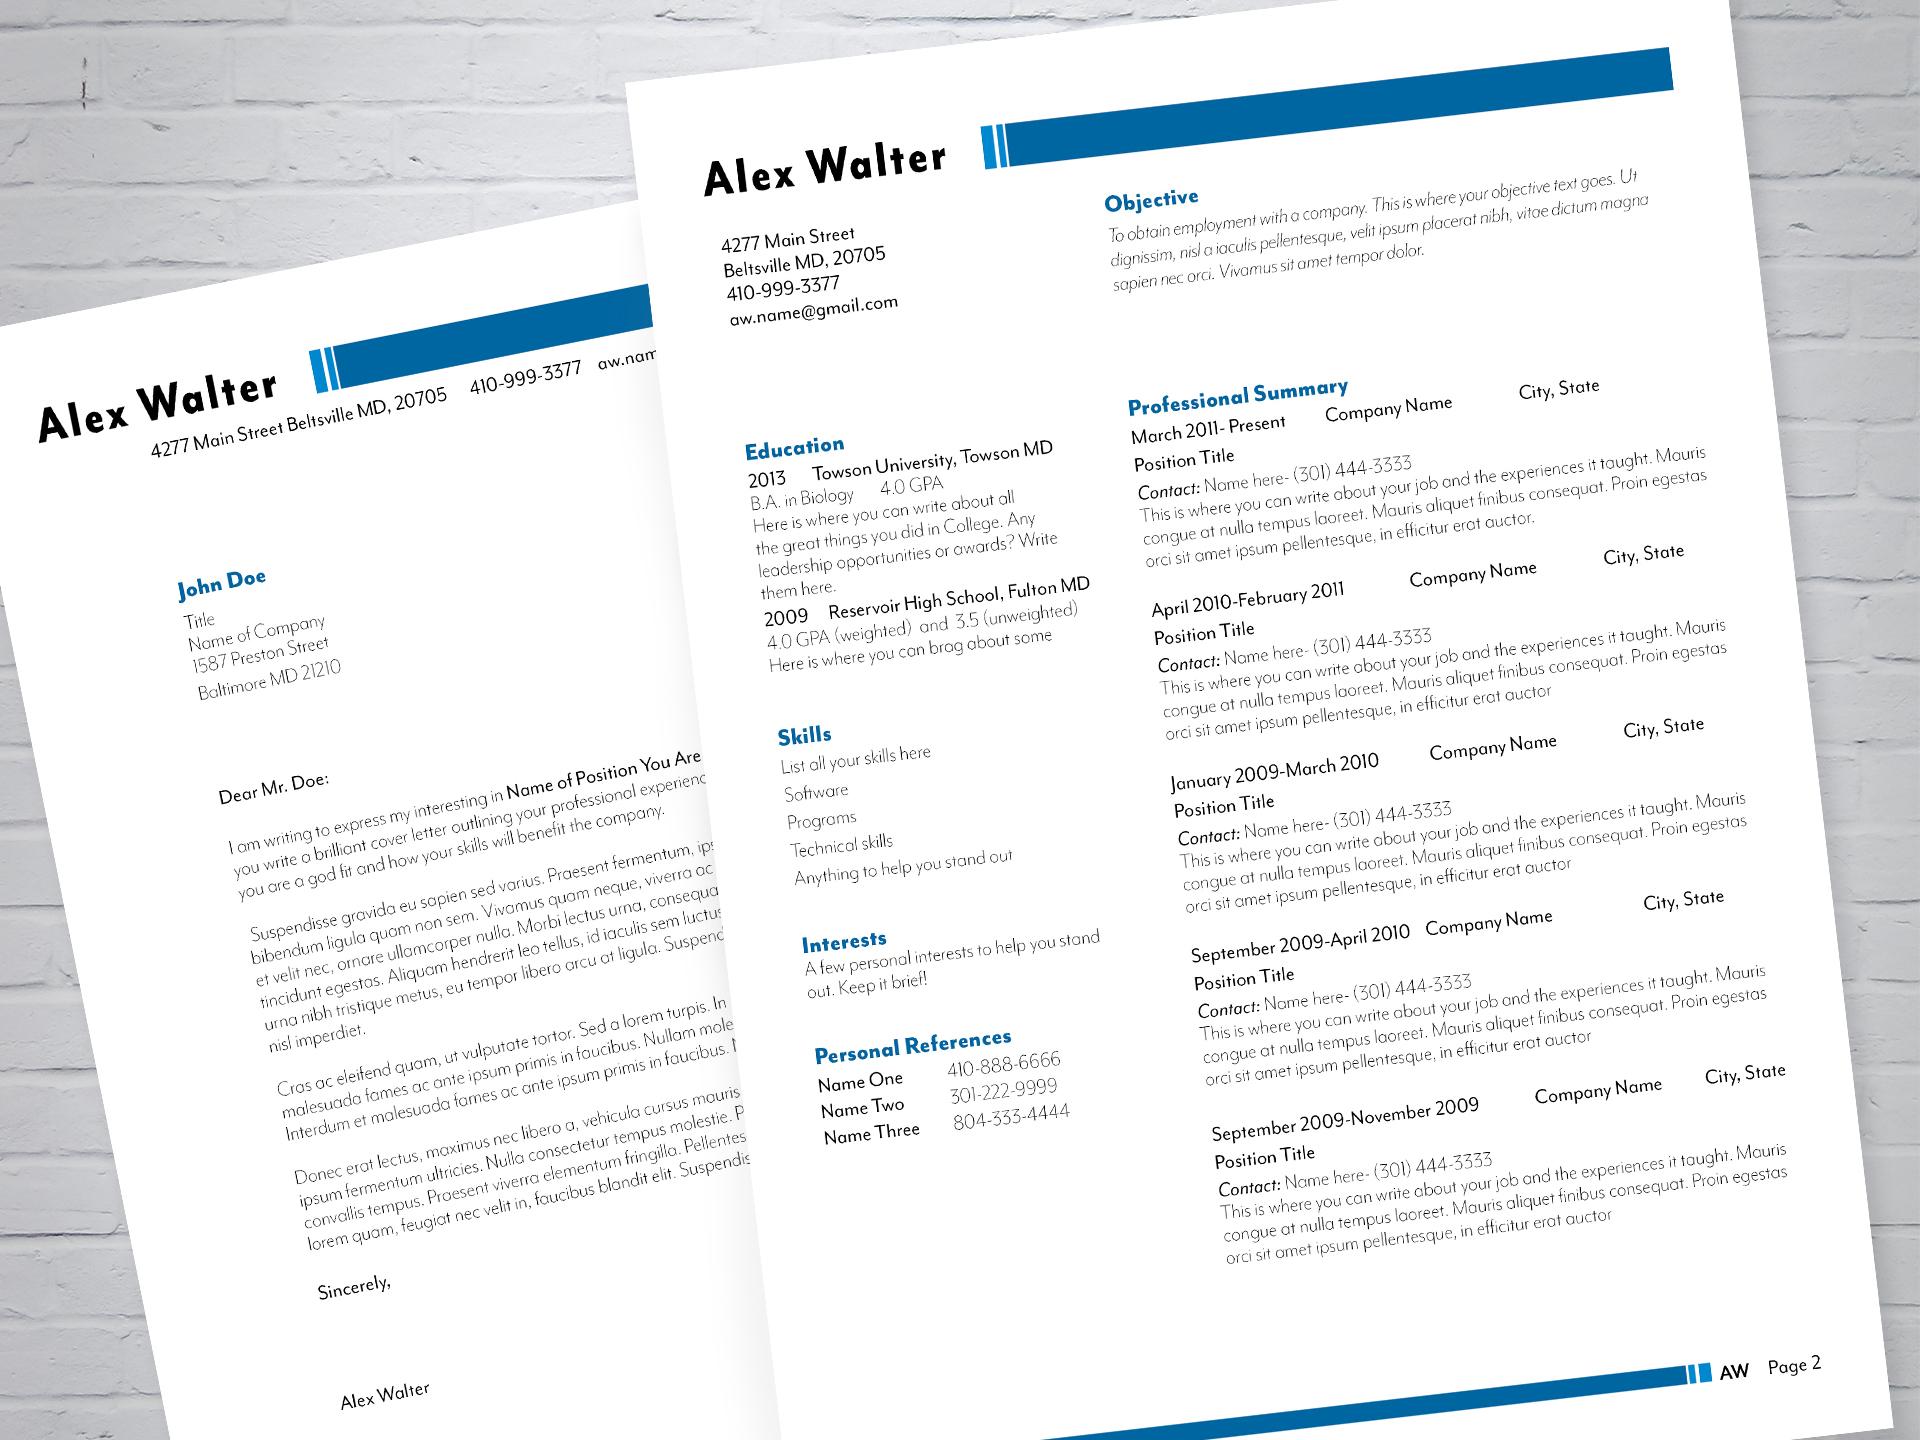 Display versions of the resume_2.jpg